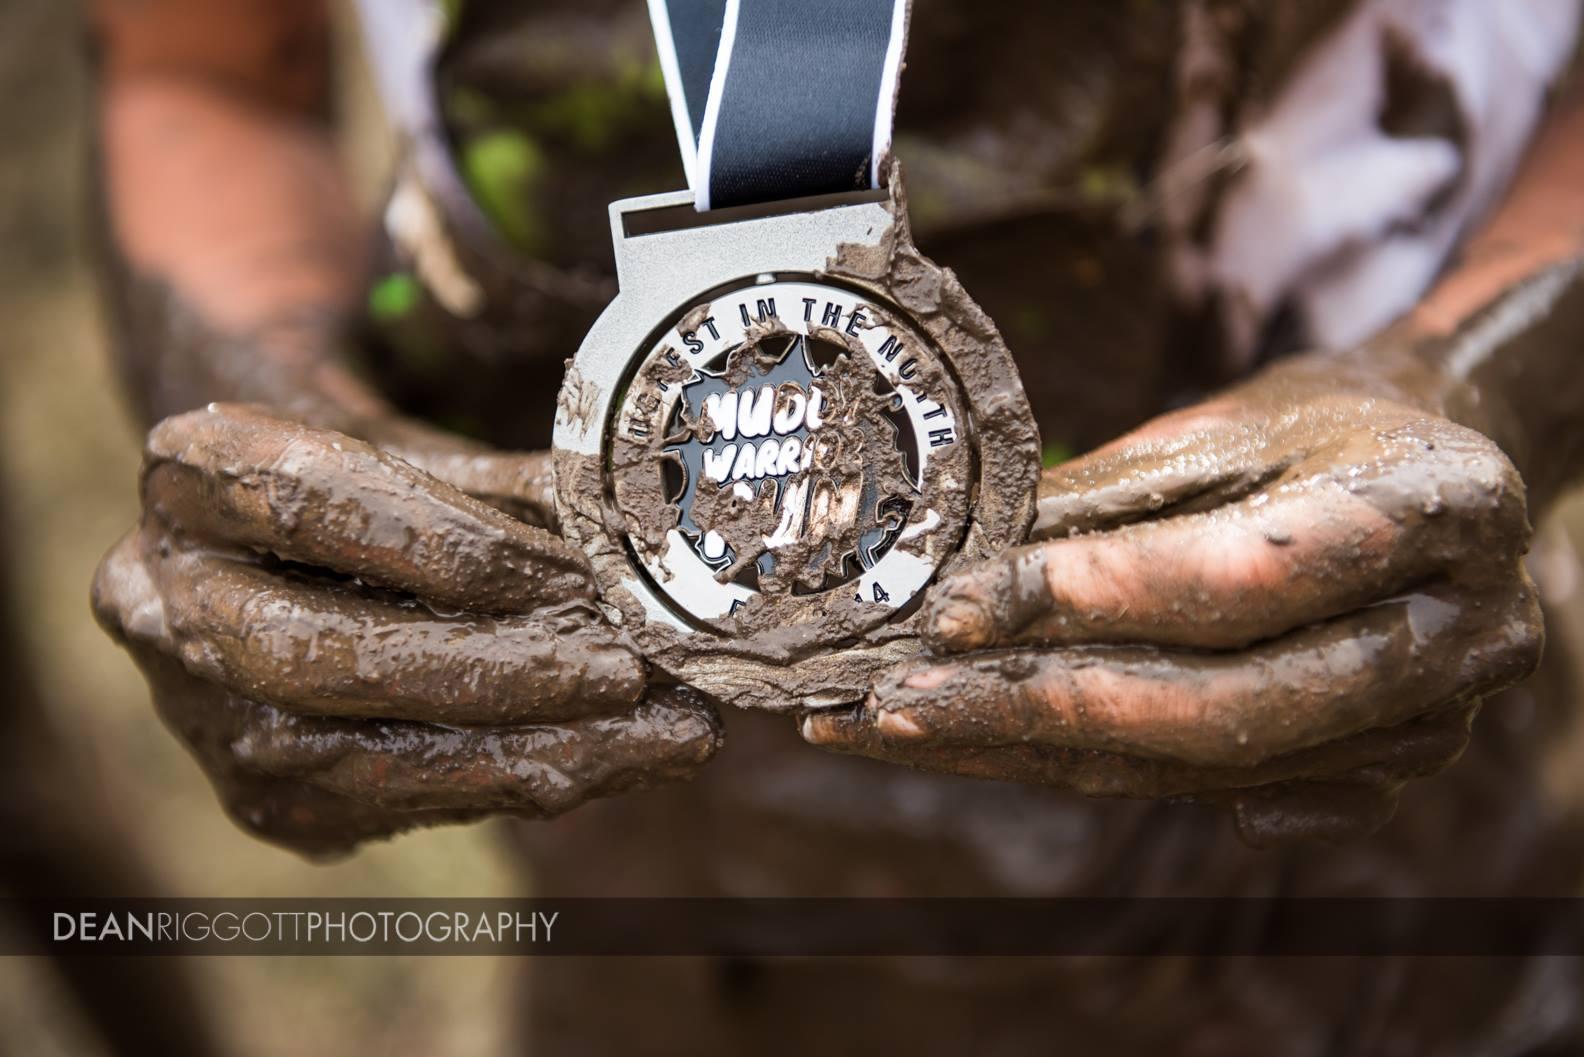 medal-Muddy-Warrior-Dean-Riggott